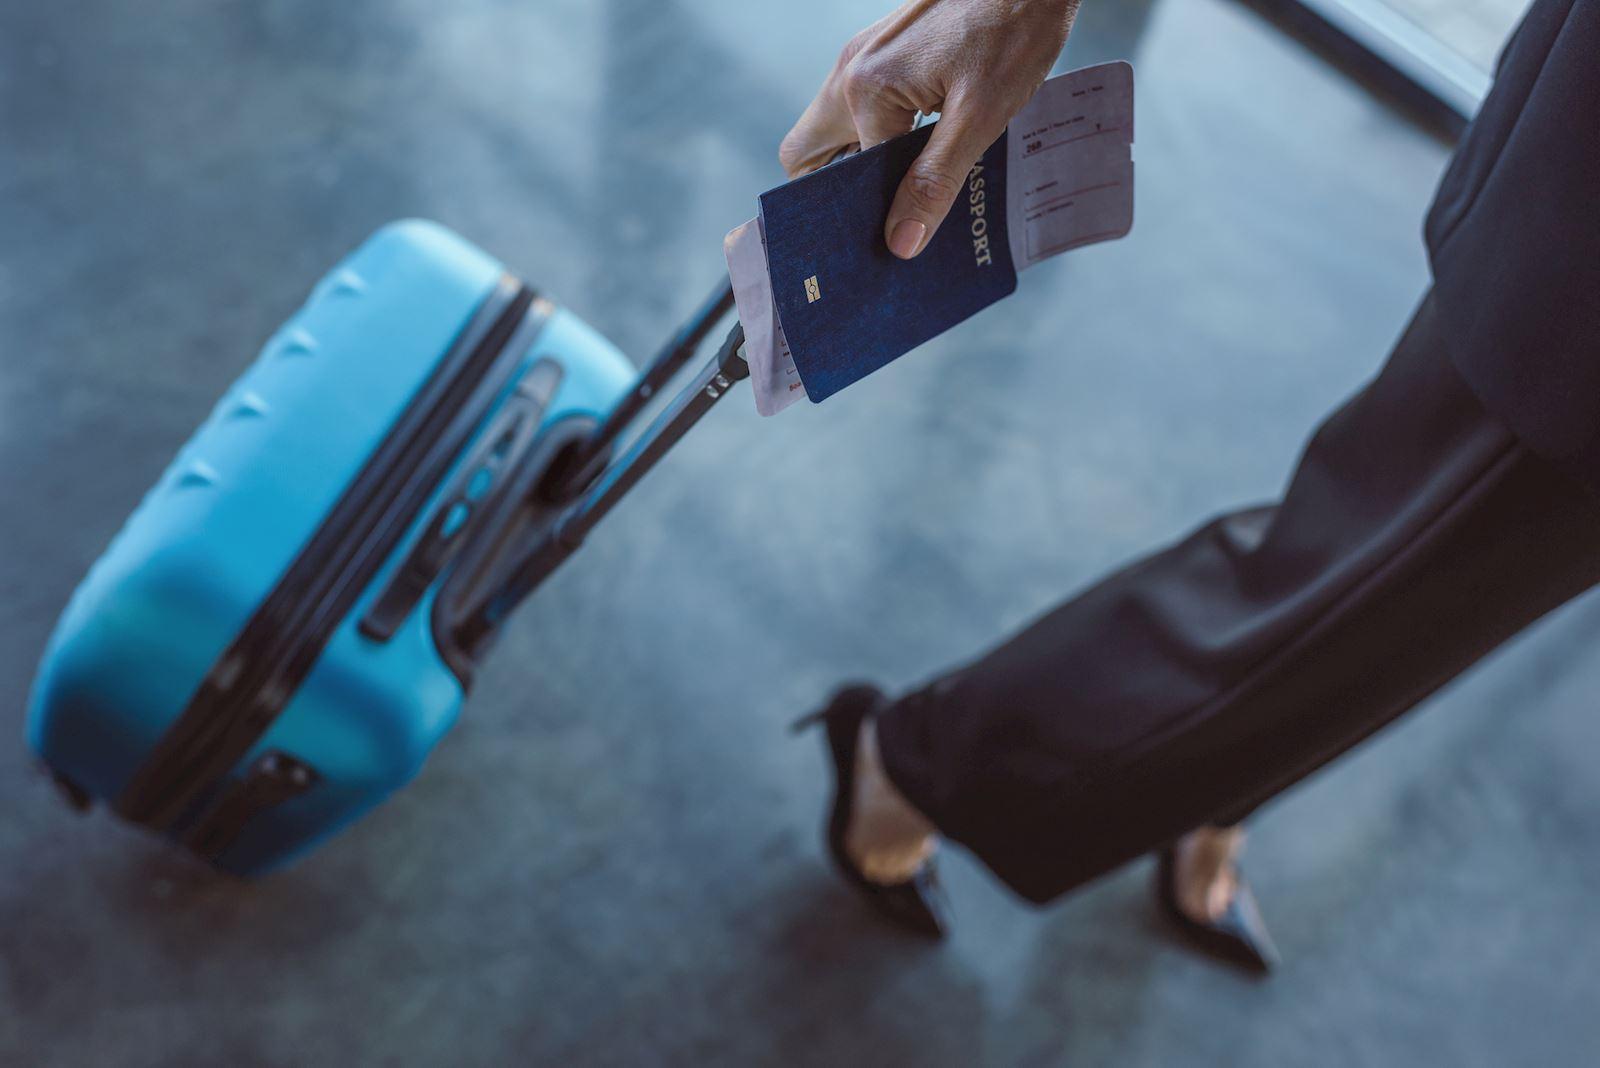 נוסעת עם מזוודה